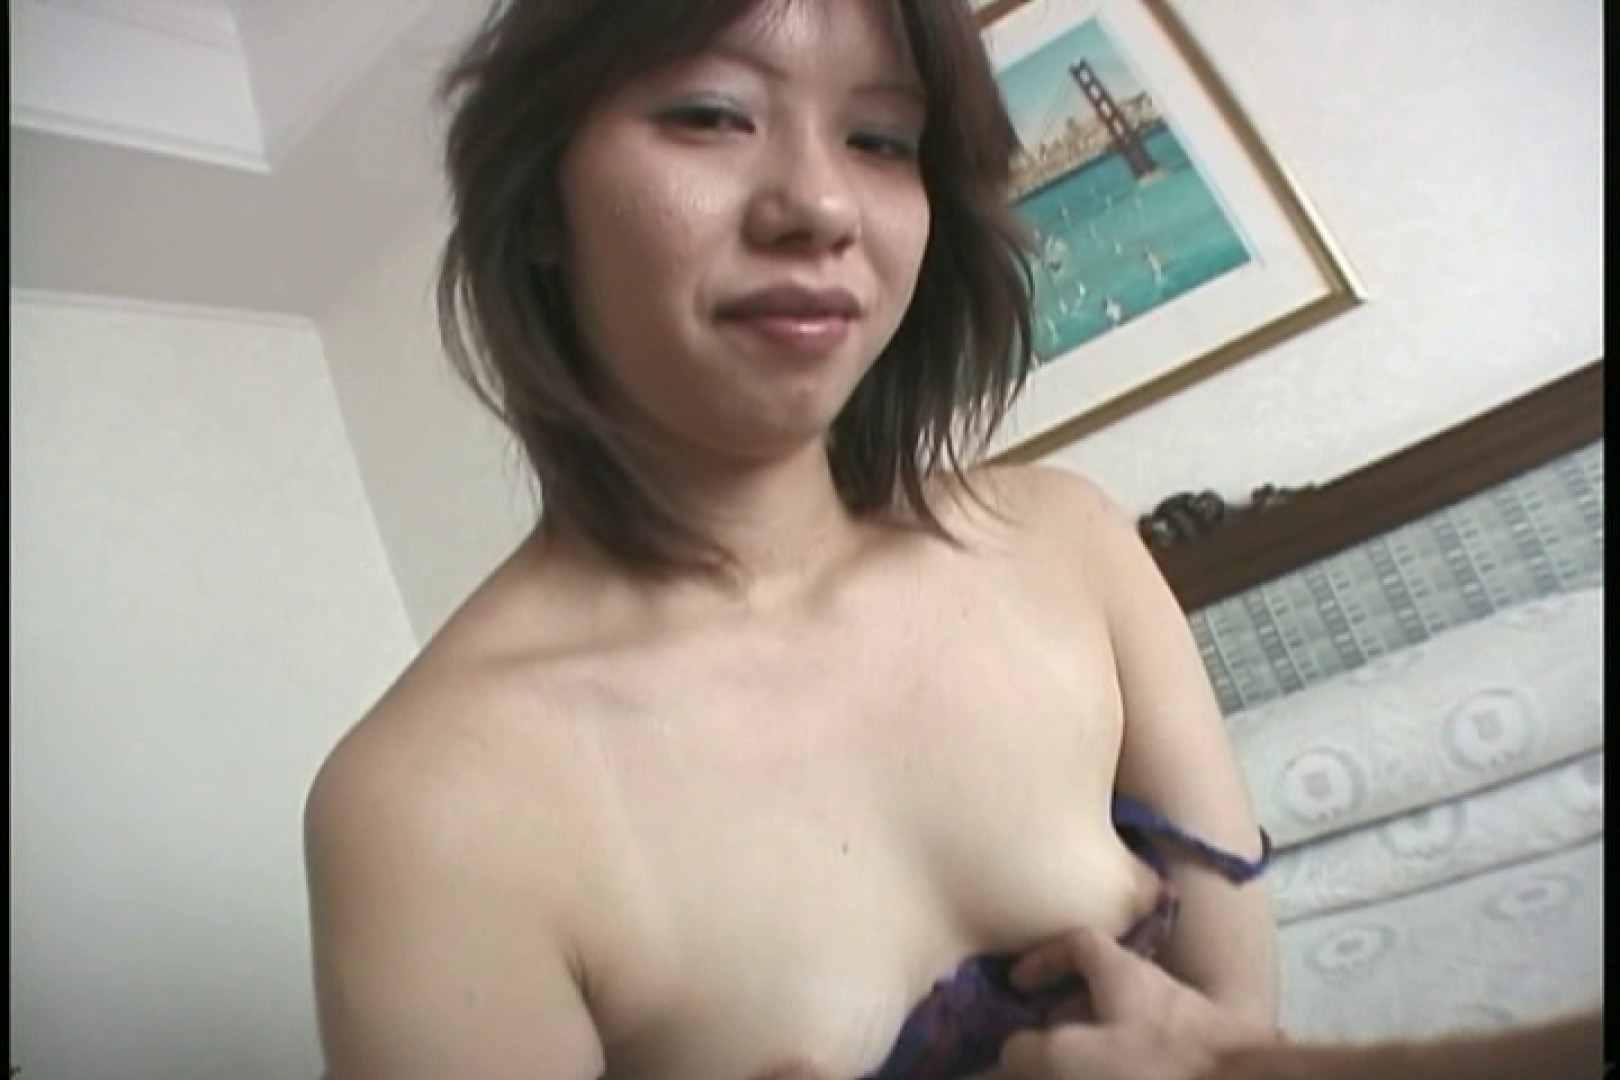 初めてのビデオ撮影に緊張する素人OLとセックス~武田じゅん~ 素人 | ギャル達のセックス  82画像 43